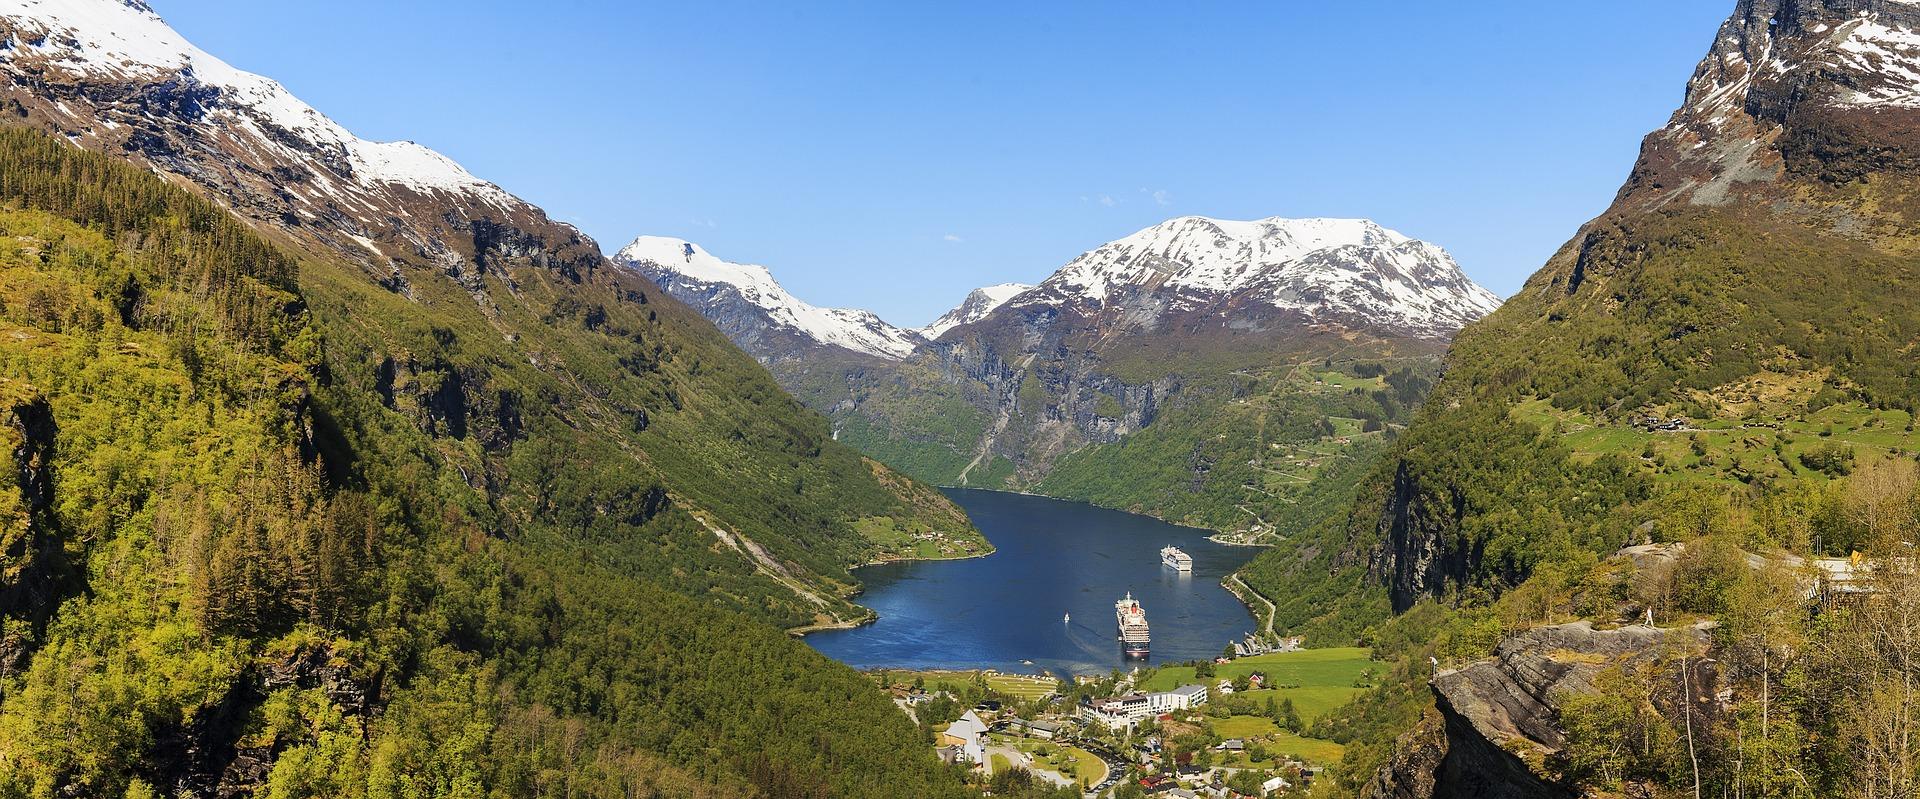 norwedgian fjords.jpg